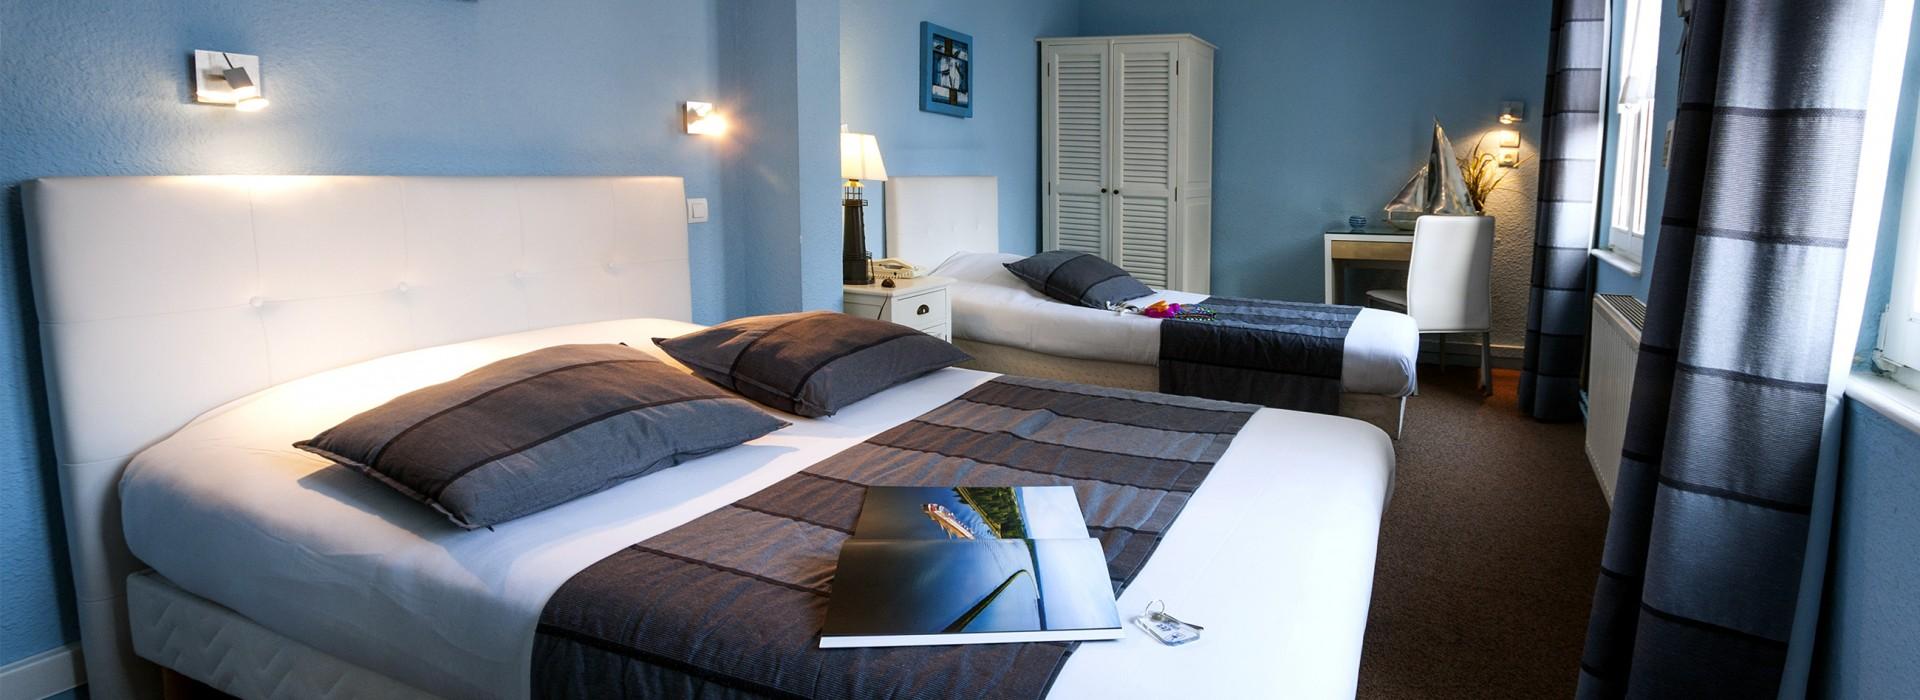 https://etc-hotel.com/public/uploads/2016/02/227_OCEAN_IMG_5227_RVB_HD-1920x700.jpg